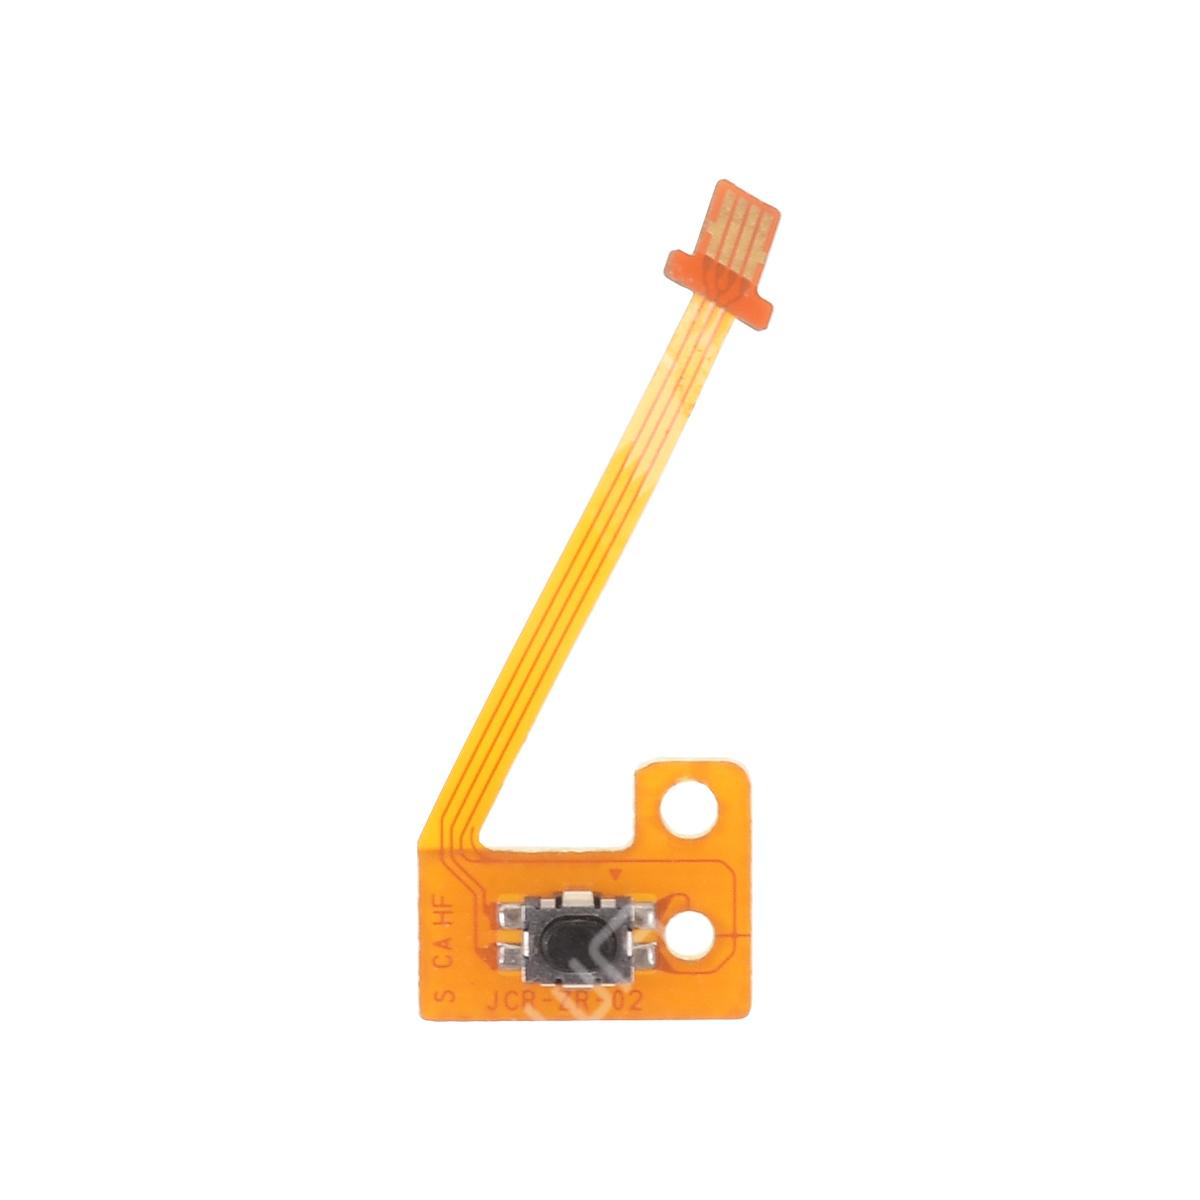 JOY-CON ZR Button Flex Cable